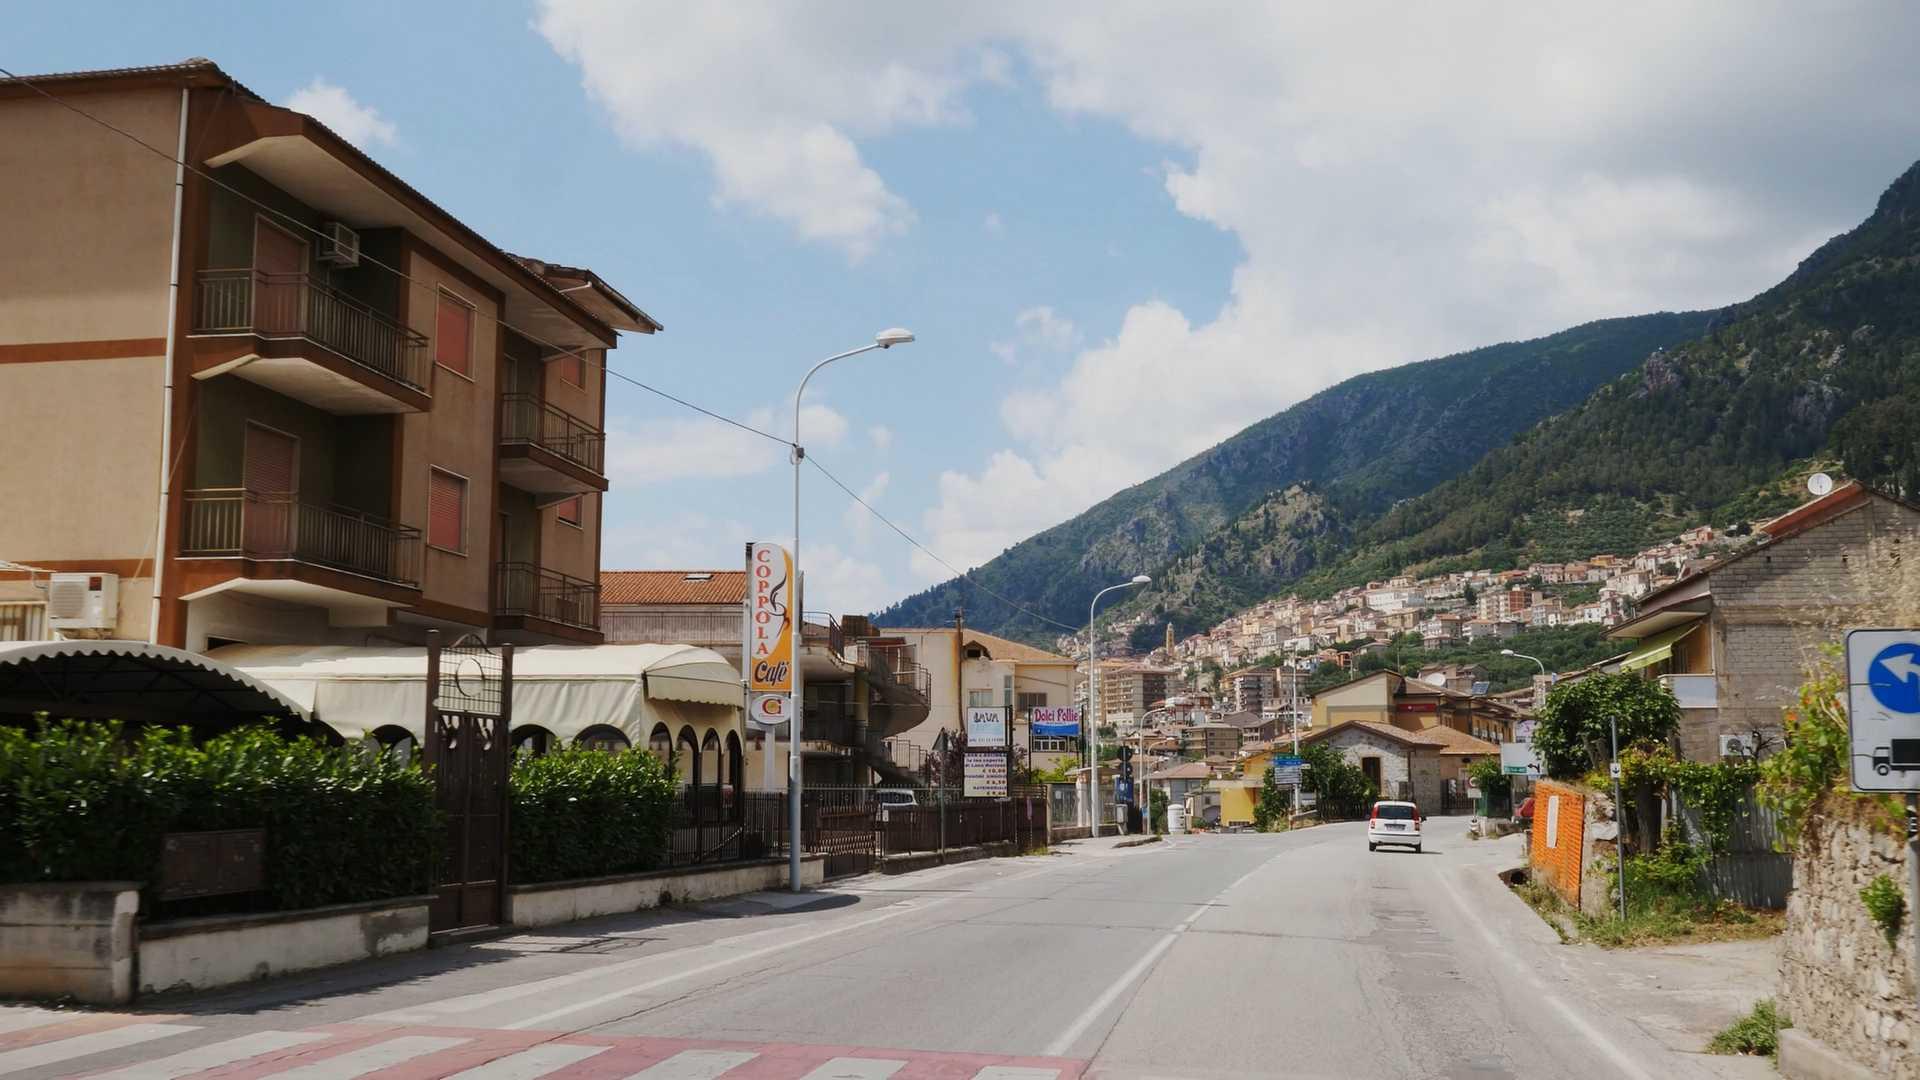 Part of 1990 Giro d'Italia